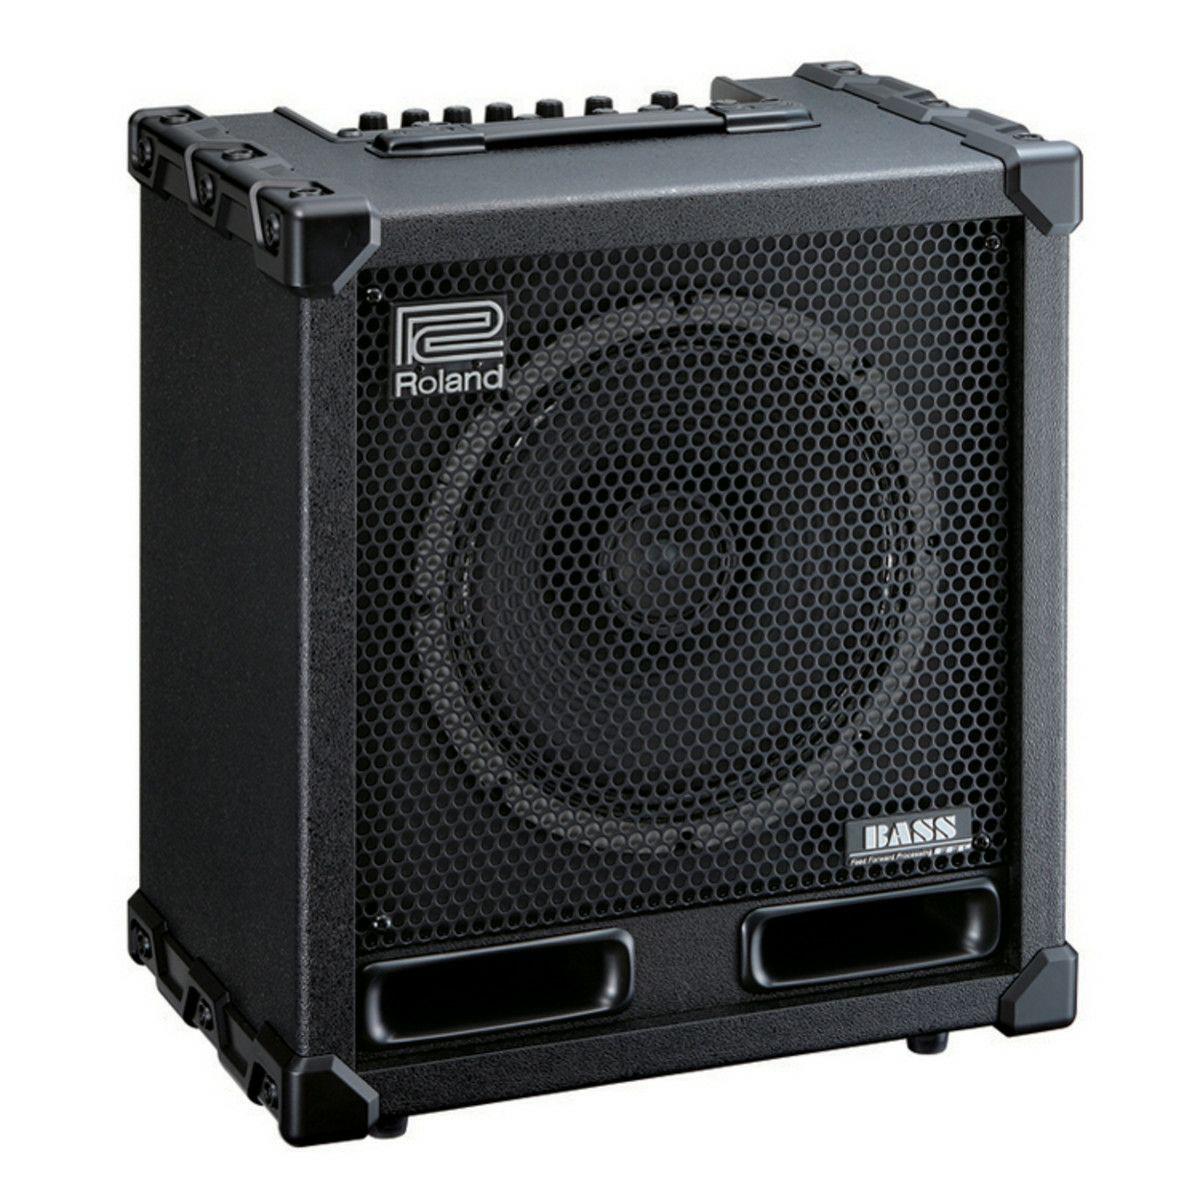 Roland Cube-120-XL Cube Bassverstärker (120W, 30cm Koaxiallautsprecher, 8x CMOS-Verstärker, Phrase Looper)